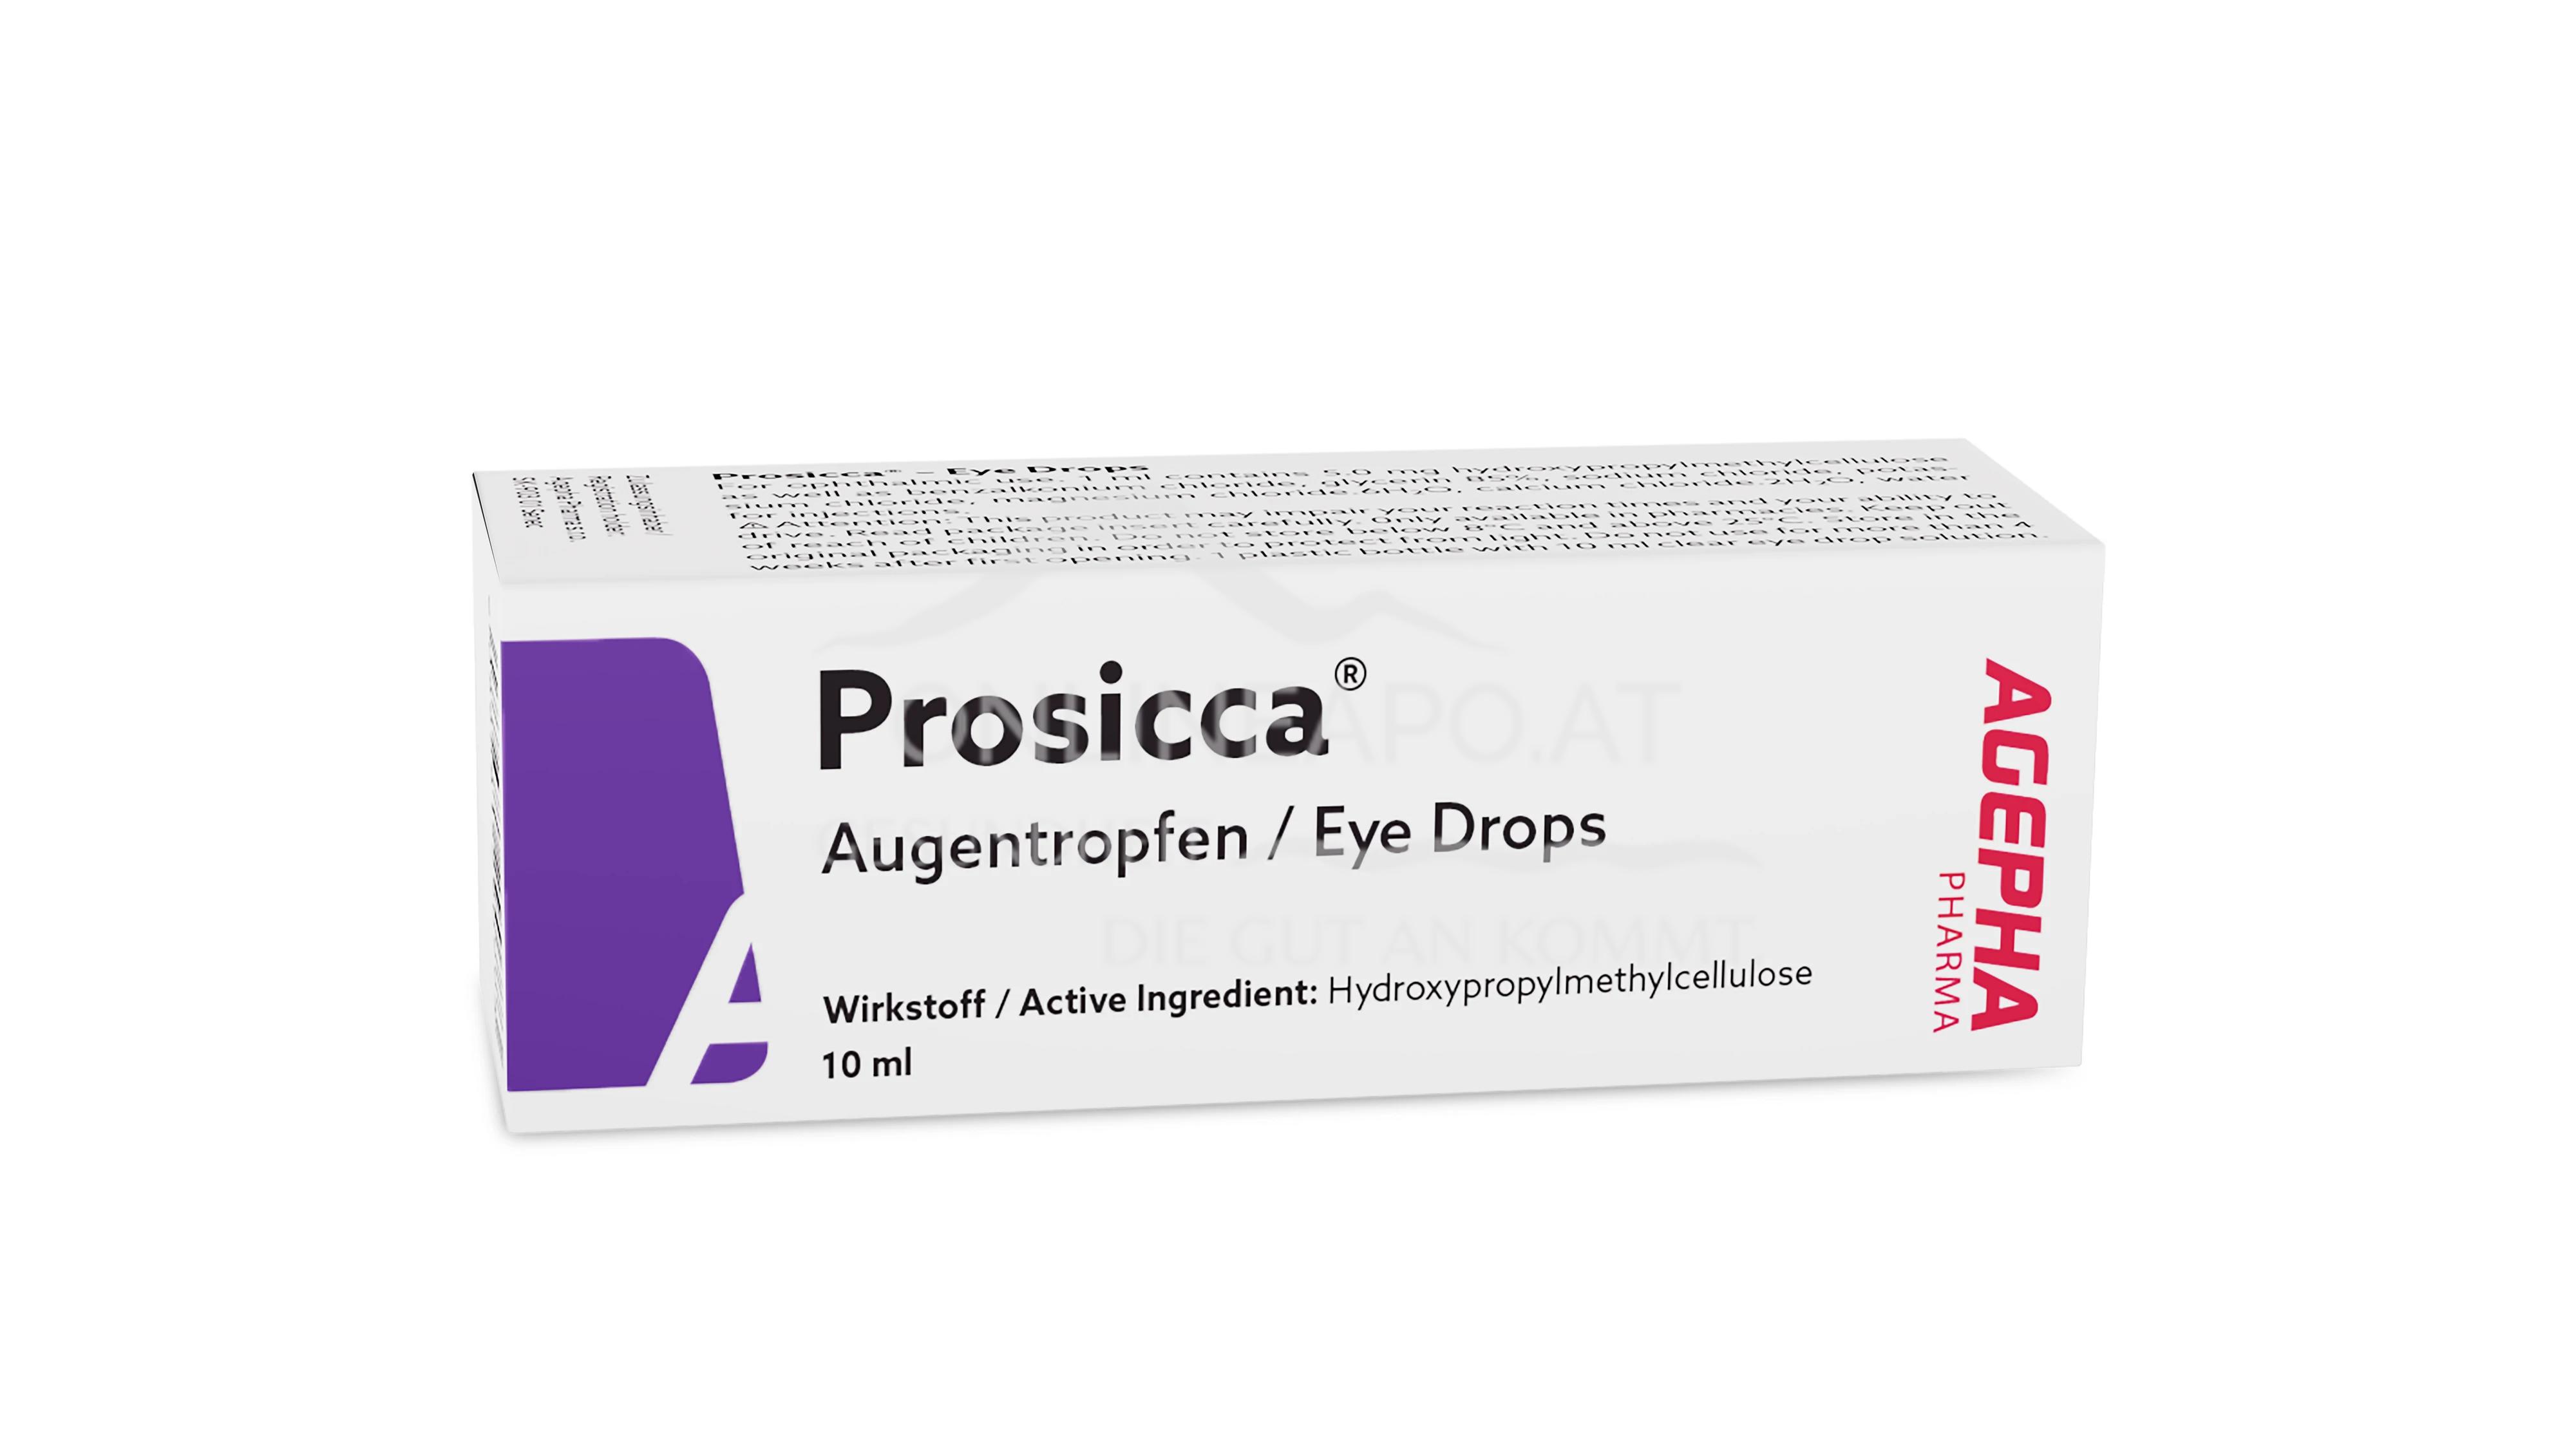 Prosicca Augentropfen